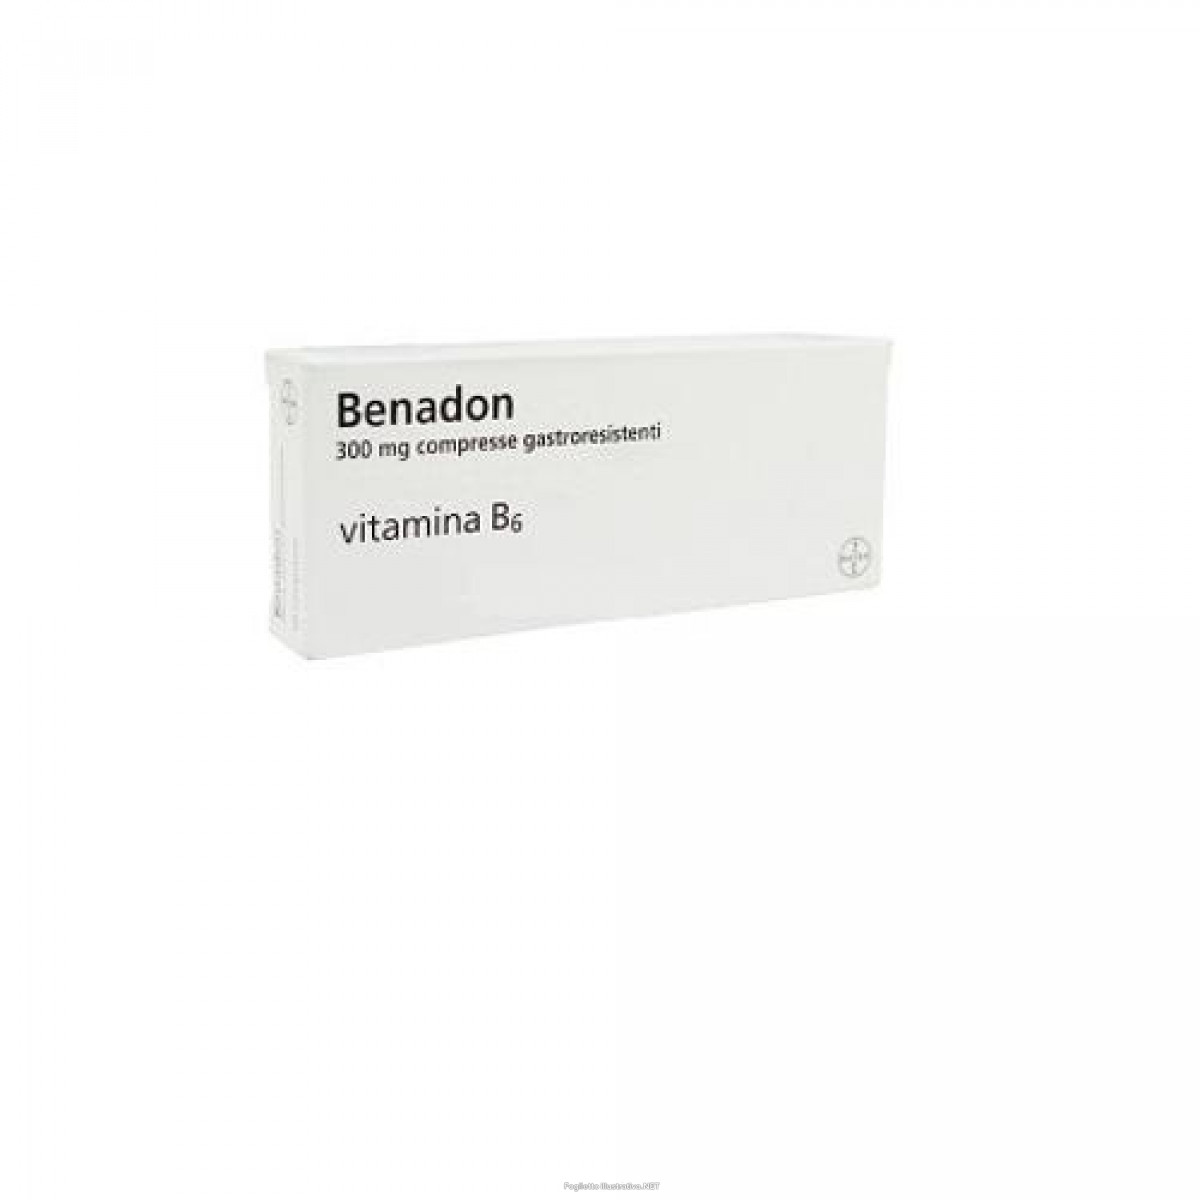 BENADON*10CPR GASTRORES 300MG - Farmacia Castel del Monte